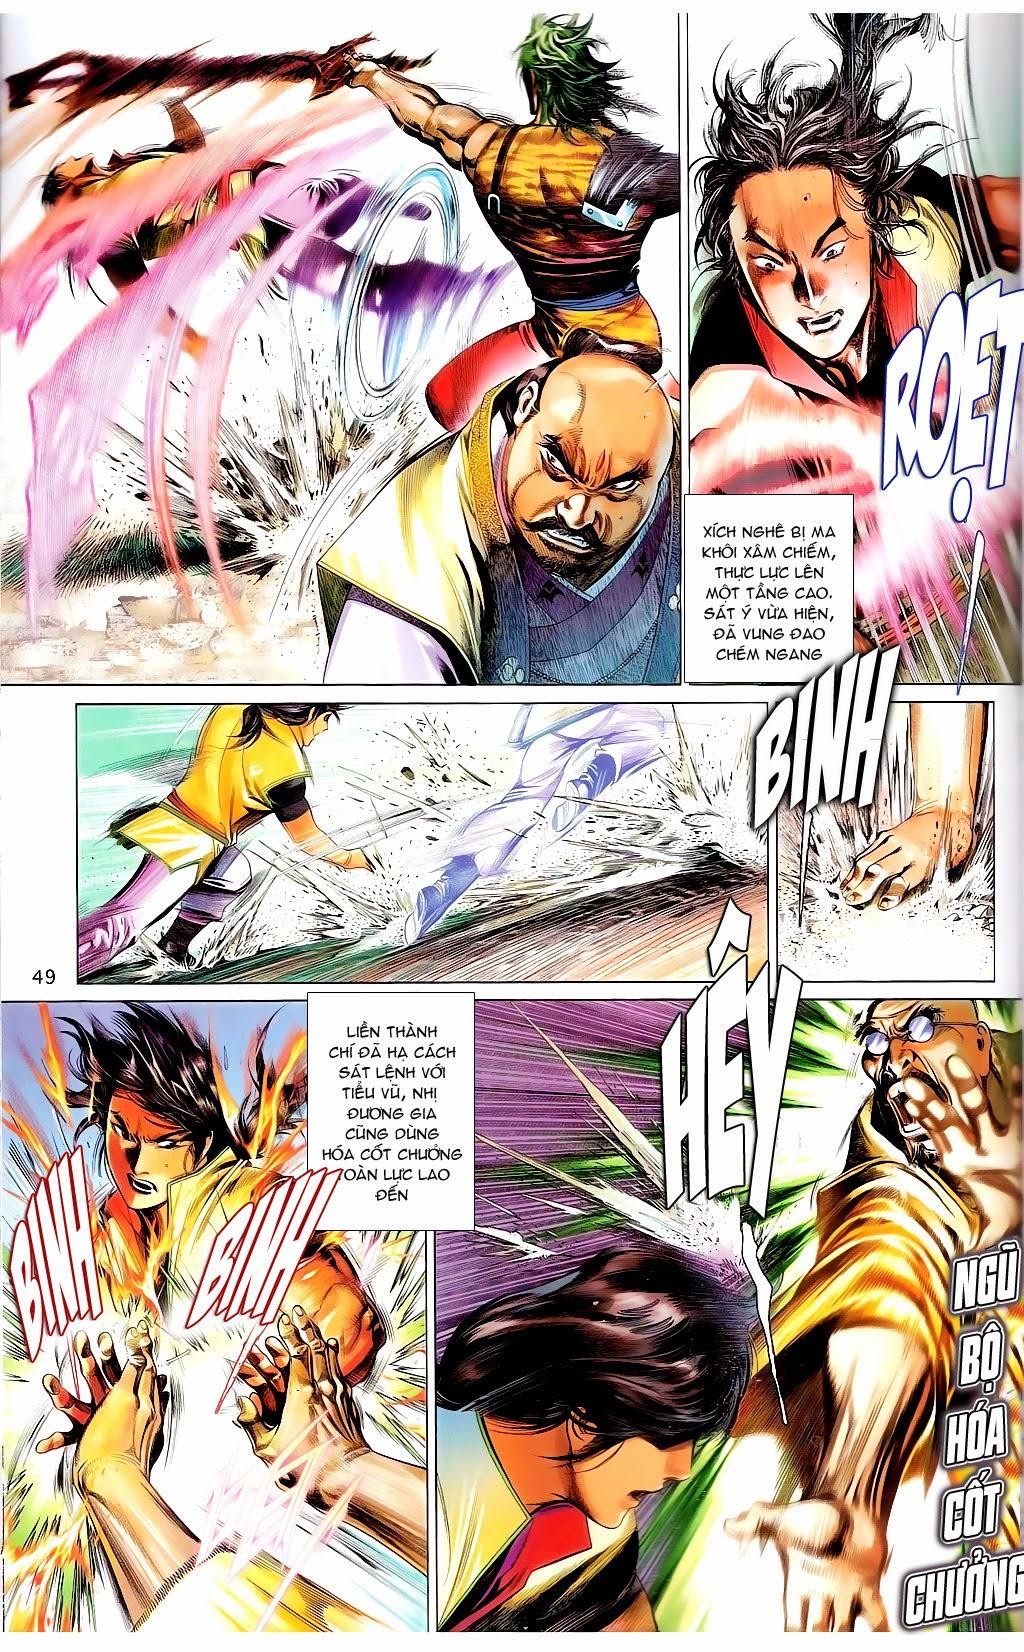 Phong Vân Chap 665 - Trang 48